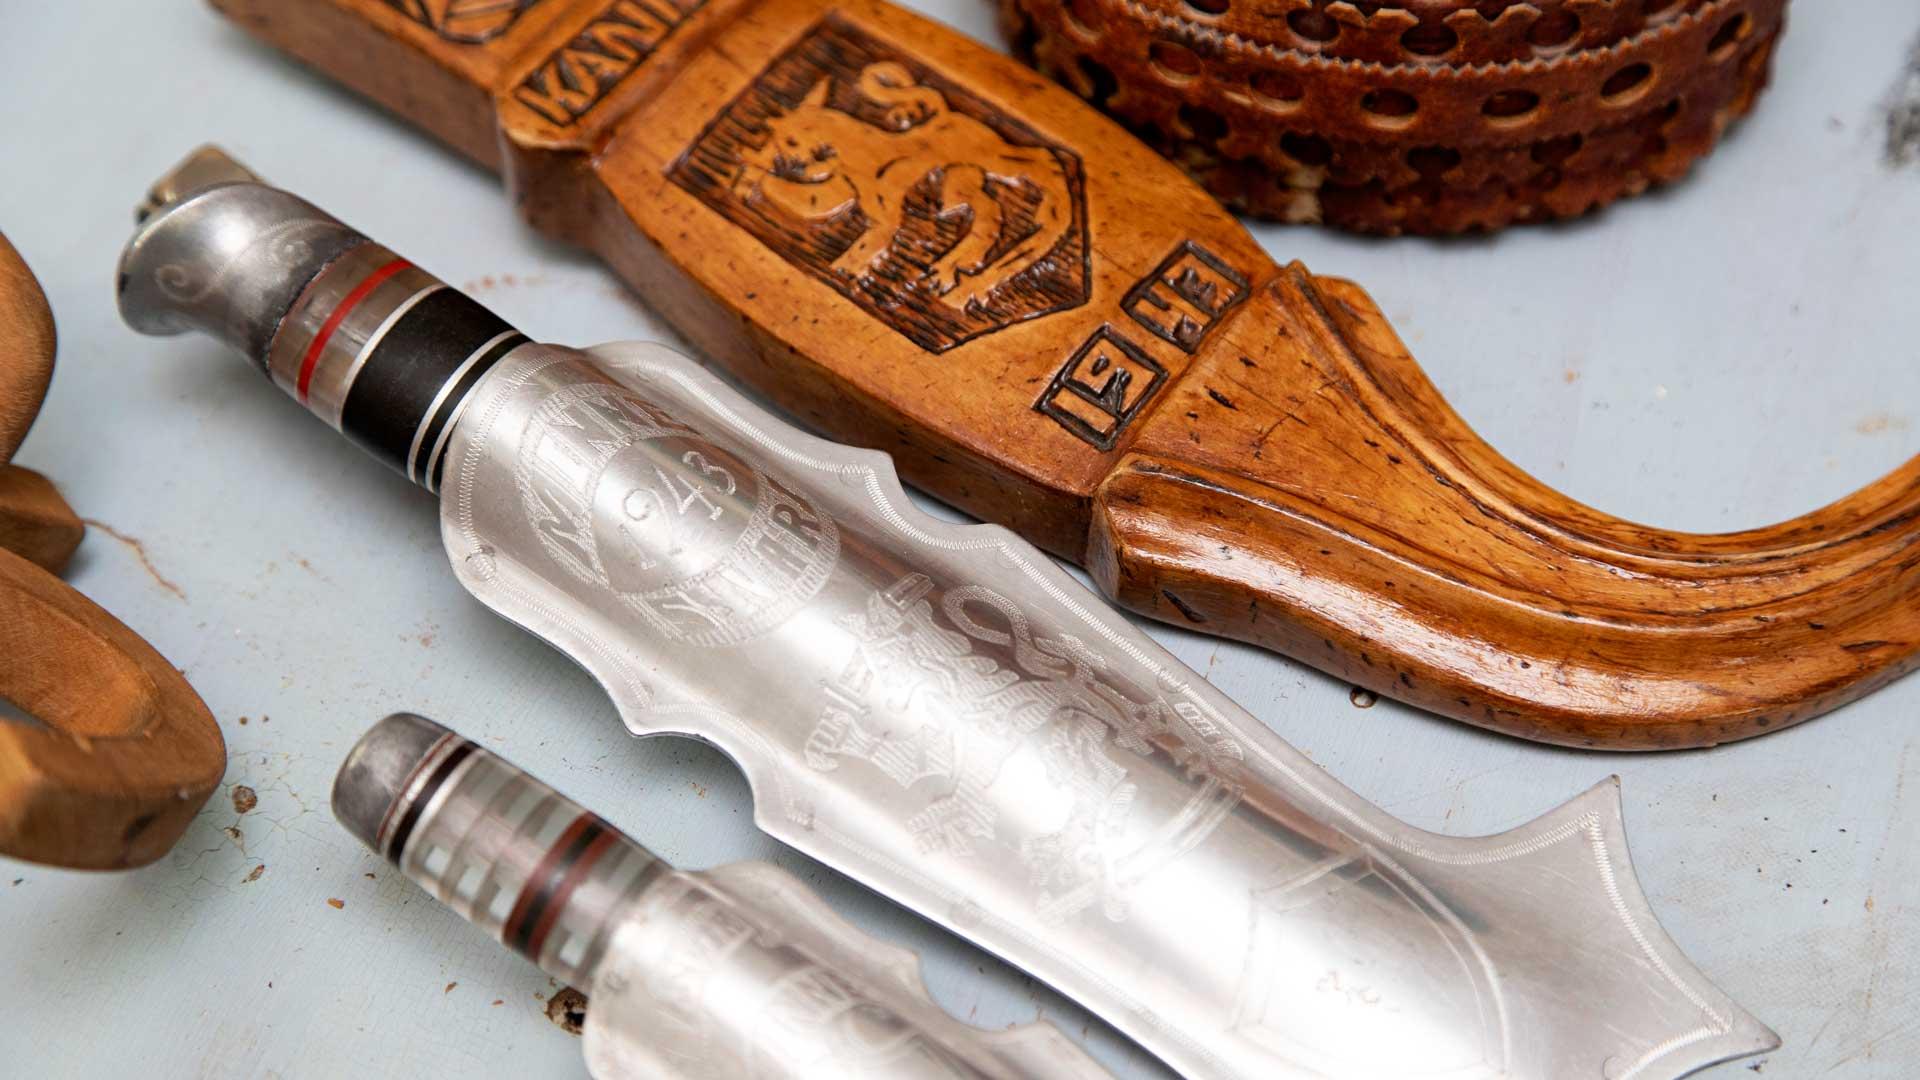 Puhdetyönä tehtyihin puukkoihin on käytetty alumiinia alasammutuista lentokoneista.